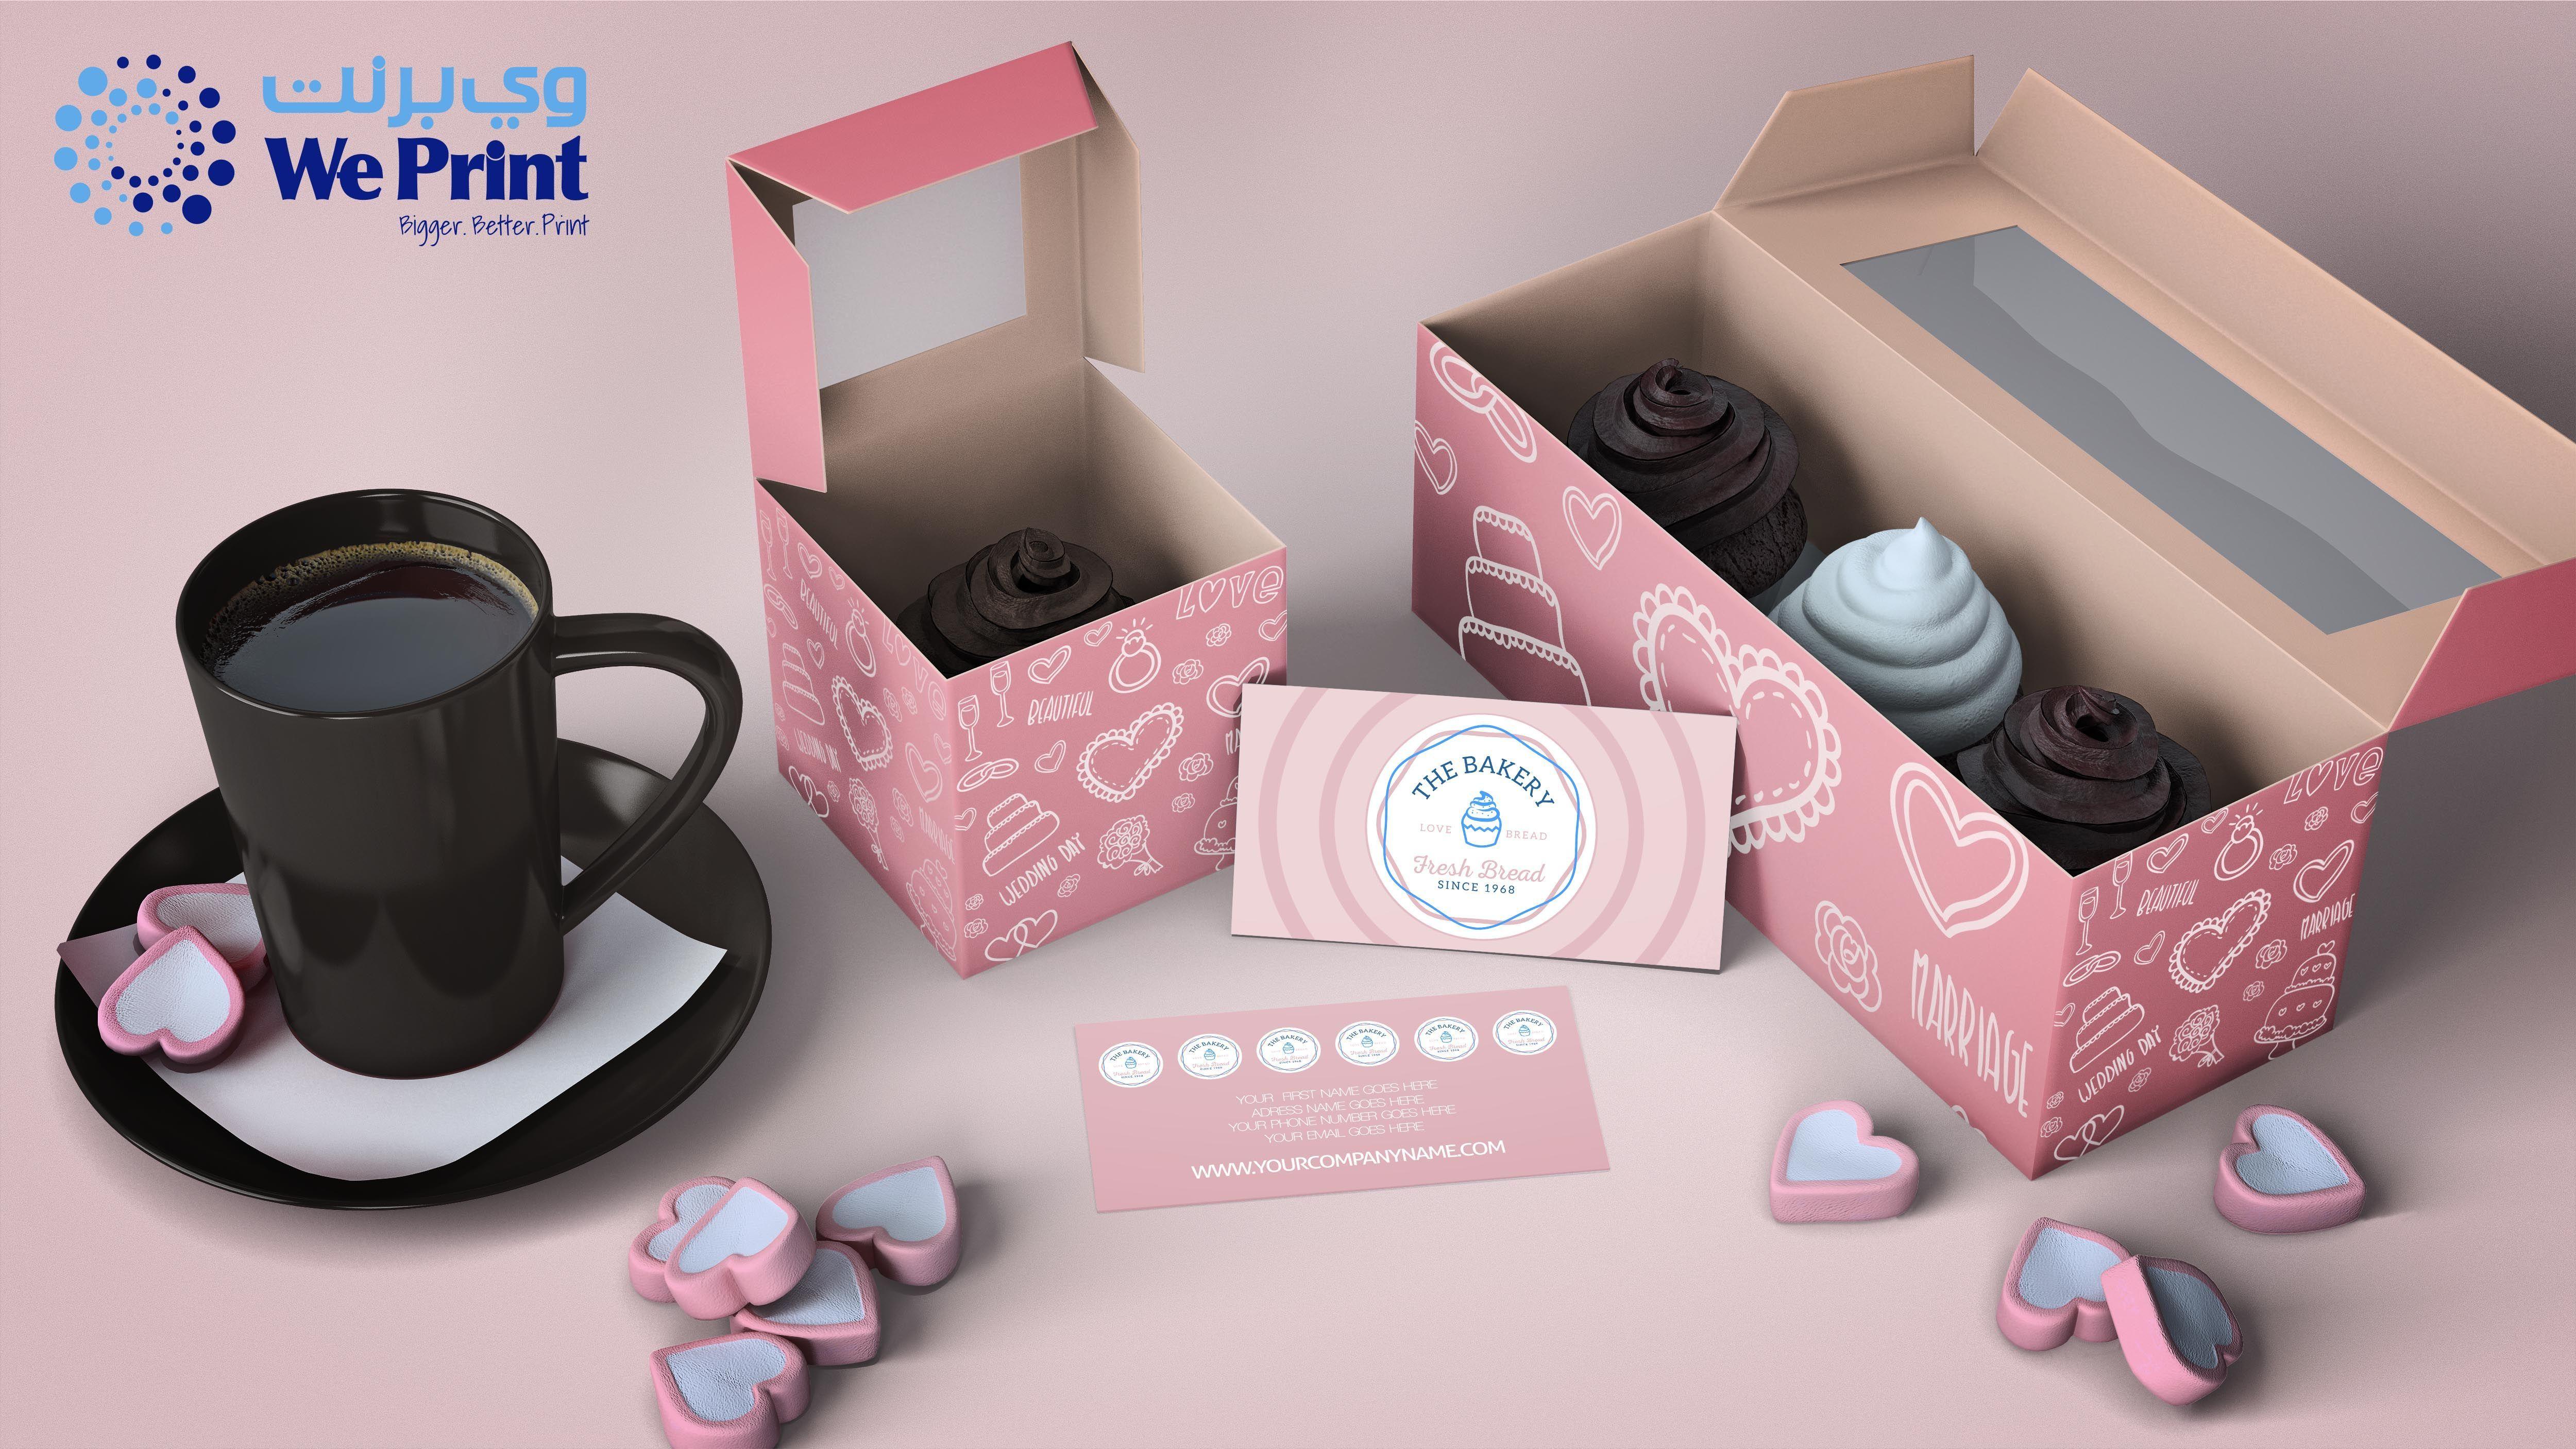 Download Digitalprintingdubai Custompackagingdubai Uvprintingdubai Packagingdubai Infoweprintme Printingd Cupcake Packaging Branding Mockups Free Branding Mockups